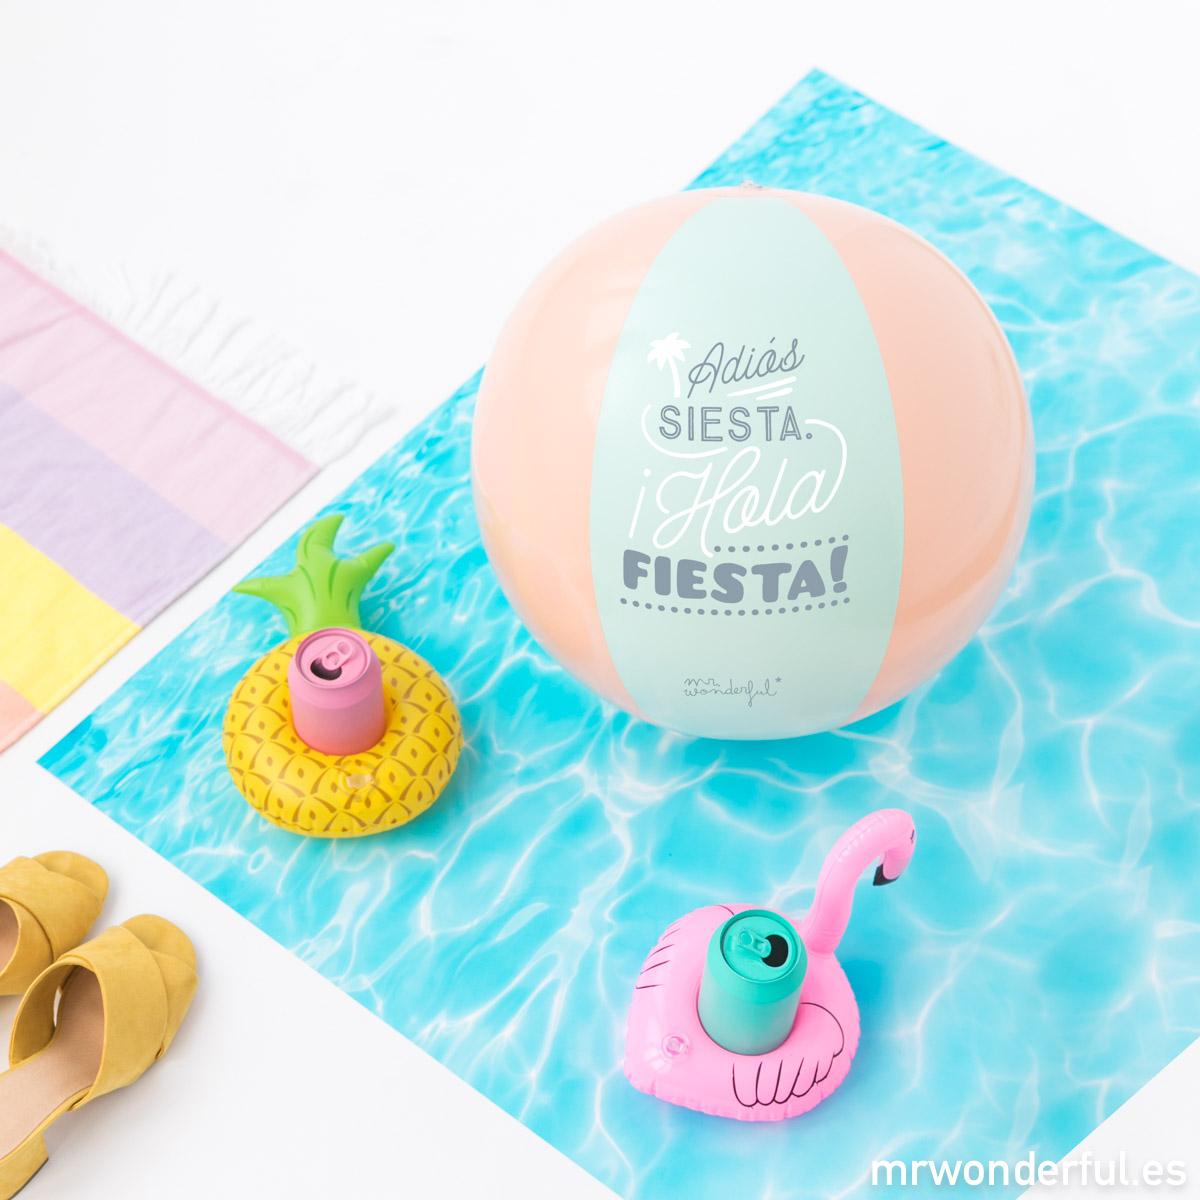 Con los pedidos de este verano podrás llevar una pelota de playa para divertirte en tus vacaciones